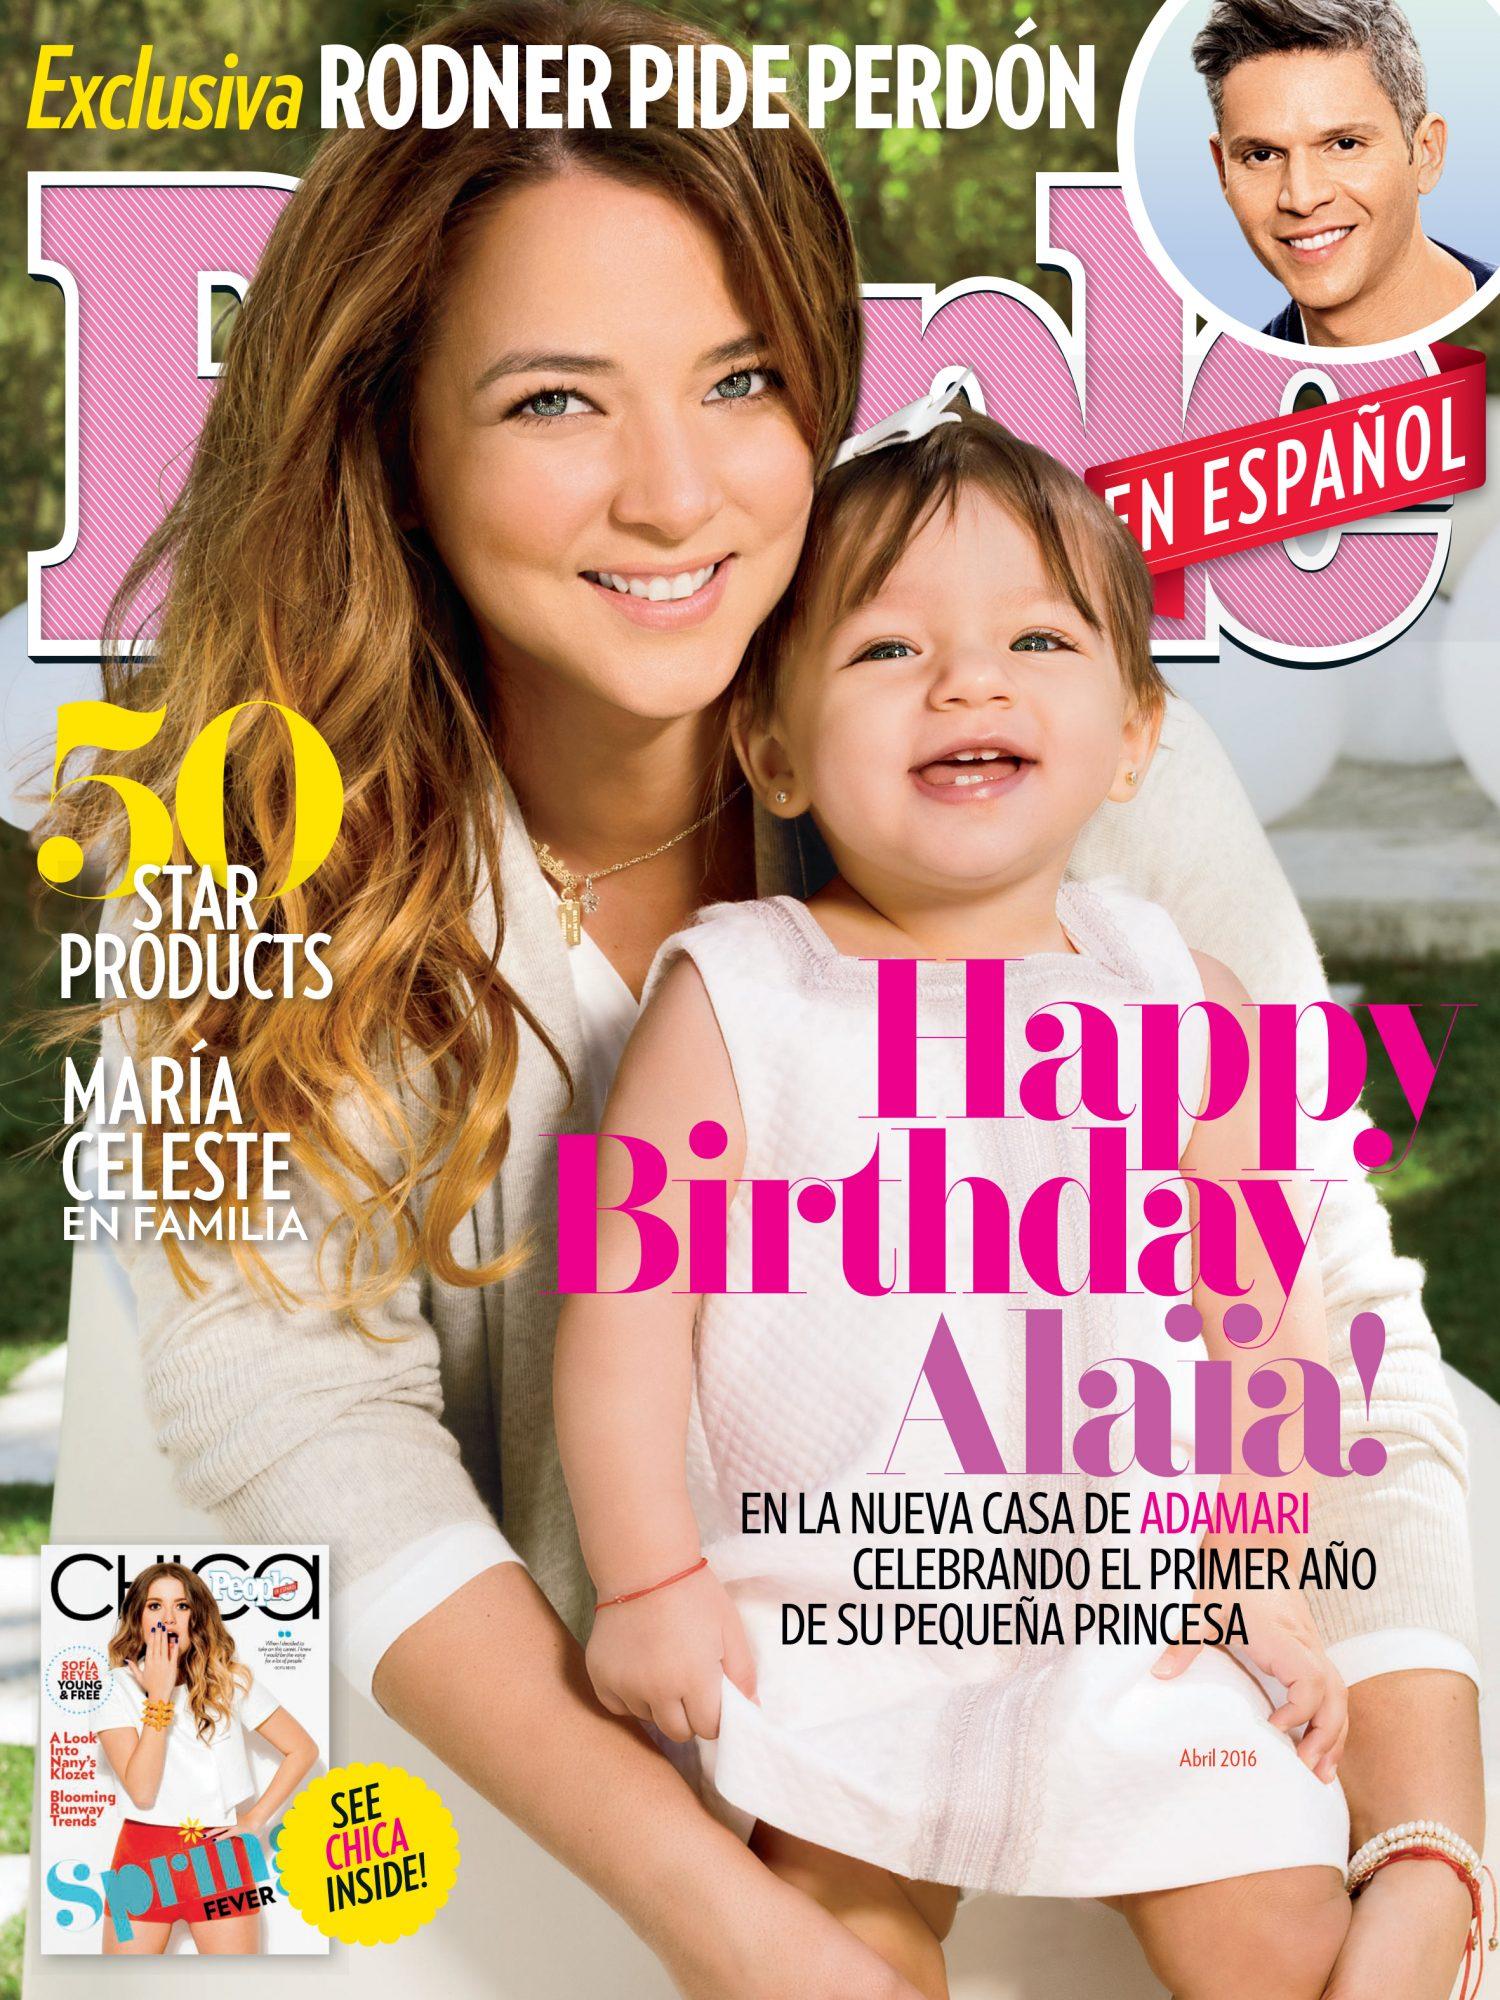 Adamari Lopez y Alaia - Abril 2016 portada COVER